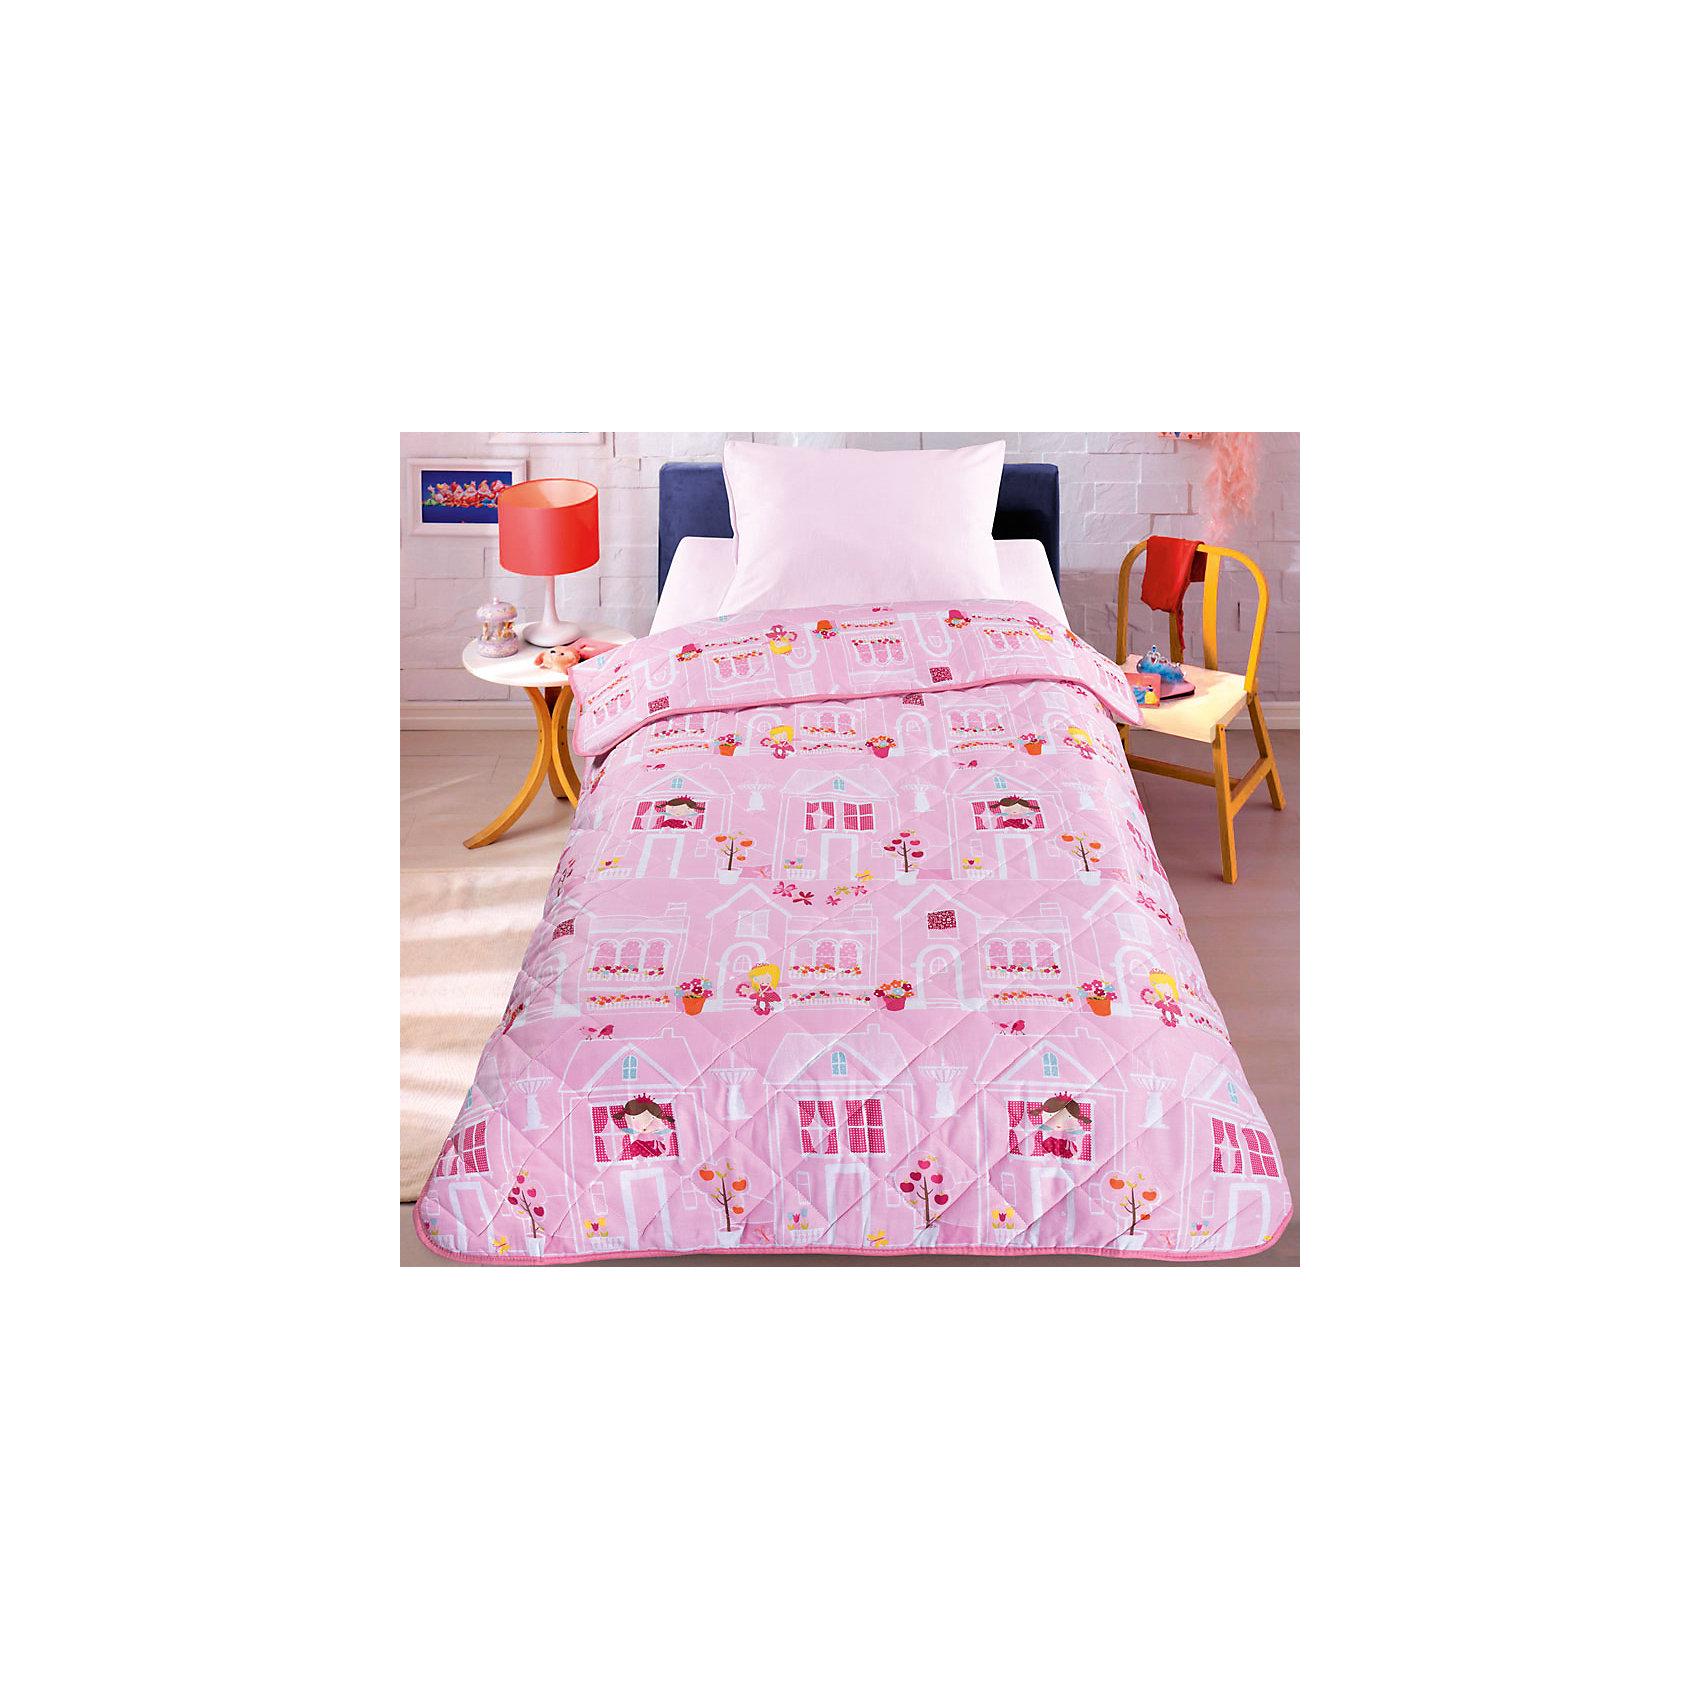 Двустороннее покрывало-одеяло Домик принцесс 140*210смЛегкое оригинальное покрывало в чехле будет радовать вас и вашего малыша в течение всего года. Сидеть на таком покрывале будет приятно и комфортно - ведь оно выполнено из 100% хлопка (перкаль). К тому же покрывало можно использовать и как одеяло на детскую кровать.<br><br>Дополнительная информация:<br><br>Размер 140*210см.<br>Подлежит машинной стирке при температуре 30 гр., строго на деликатном режиме.<br>Материал: 100% хлопок<br>Наполнитель - силиконизированное волокно.<br><br>Двустороннее покрывало-одеяло Домик принцесс 140*210см можно купить в нашем магазине.<br><br>Ширина мм: 400<br>Глубина мм: 100<br>Высота мм: 500<br>Вес г: 1500<br>Возраст от месяцев: 36<br>Возраст до месяцев: 96<br>Пол: Женский<br>Возраст: Детский<br>SKU: 4647792